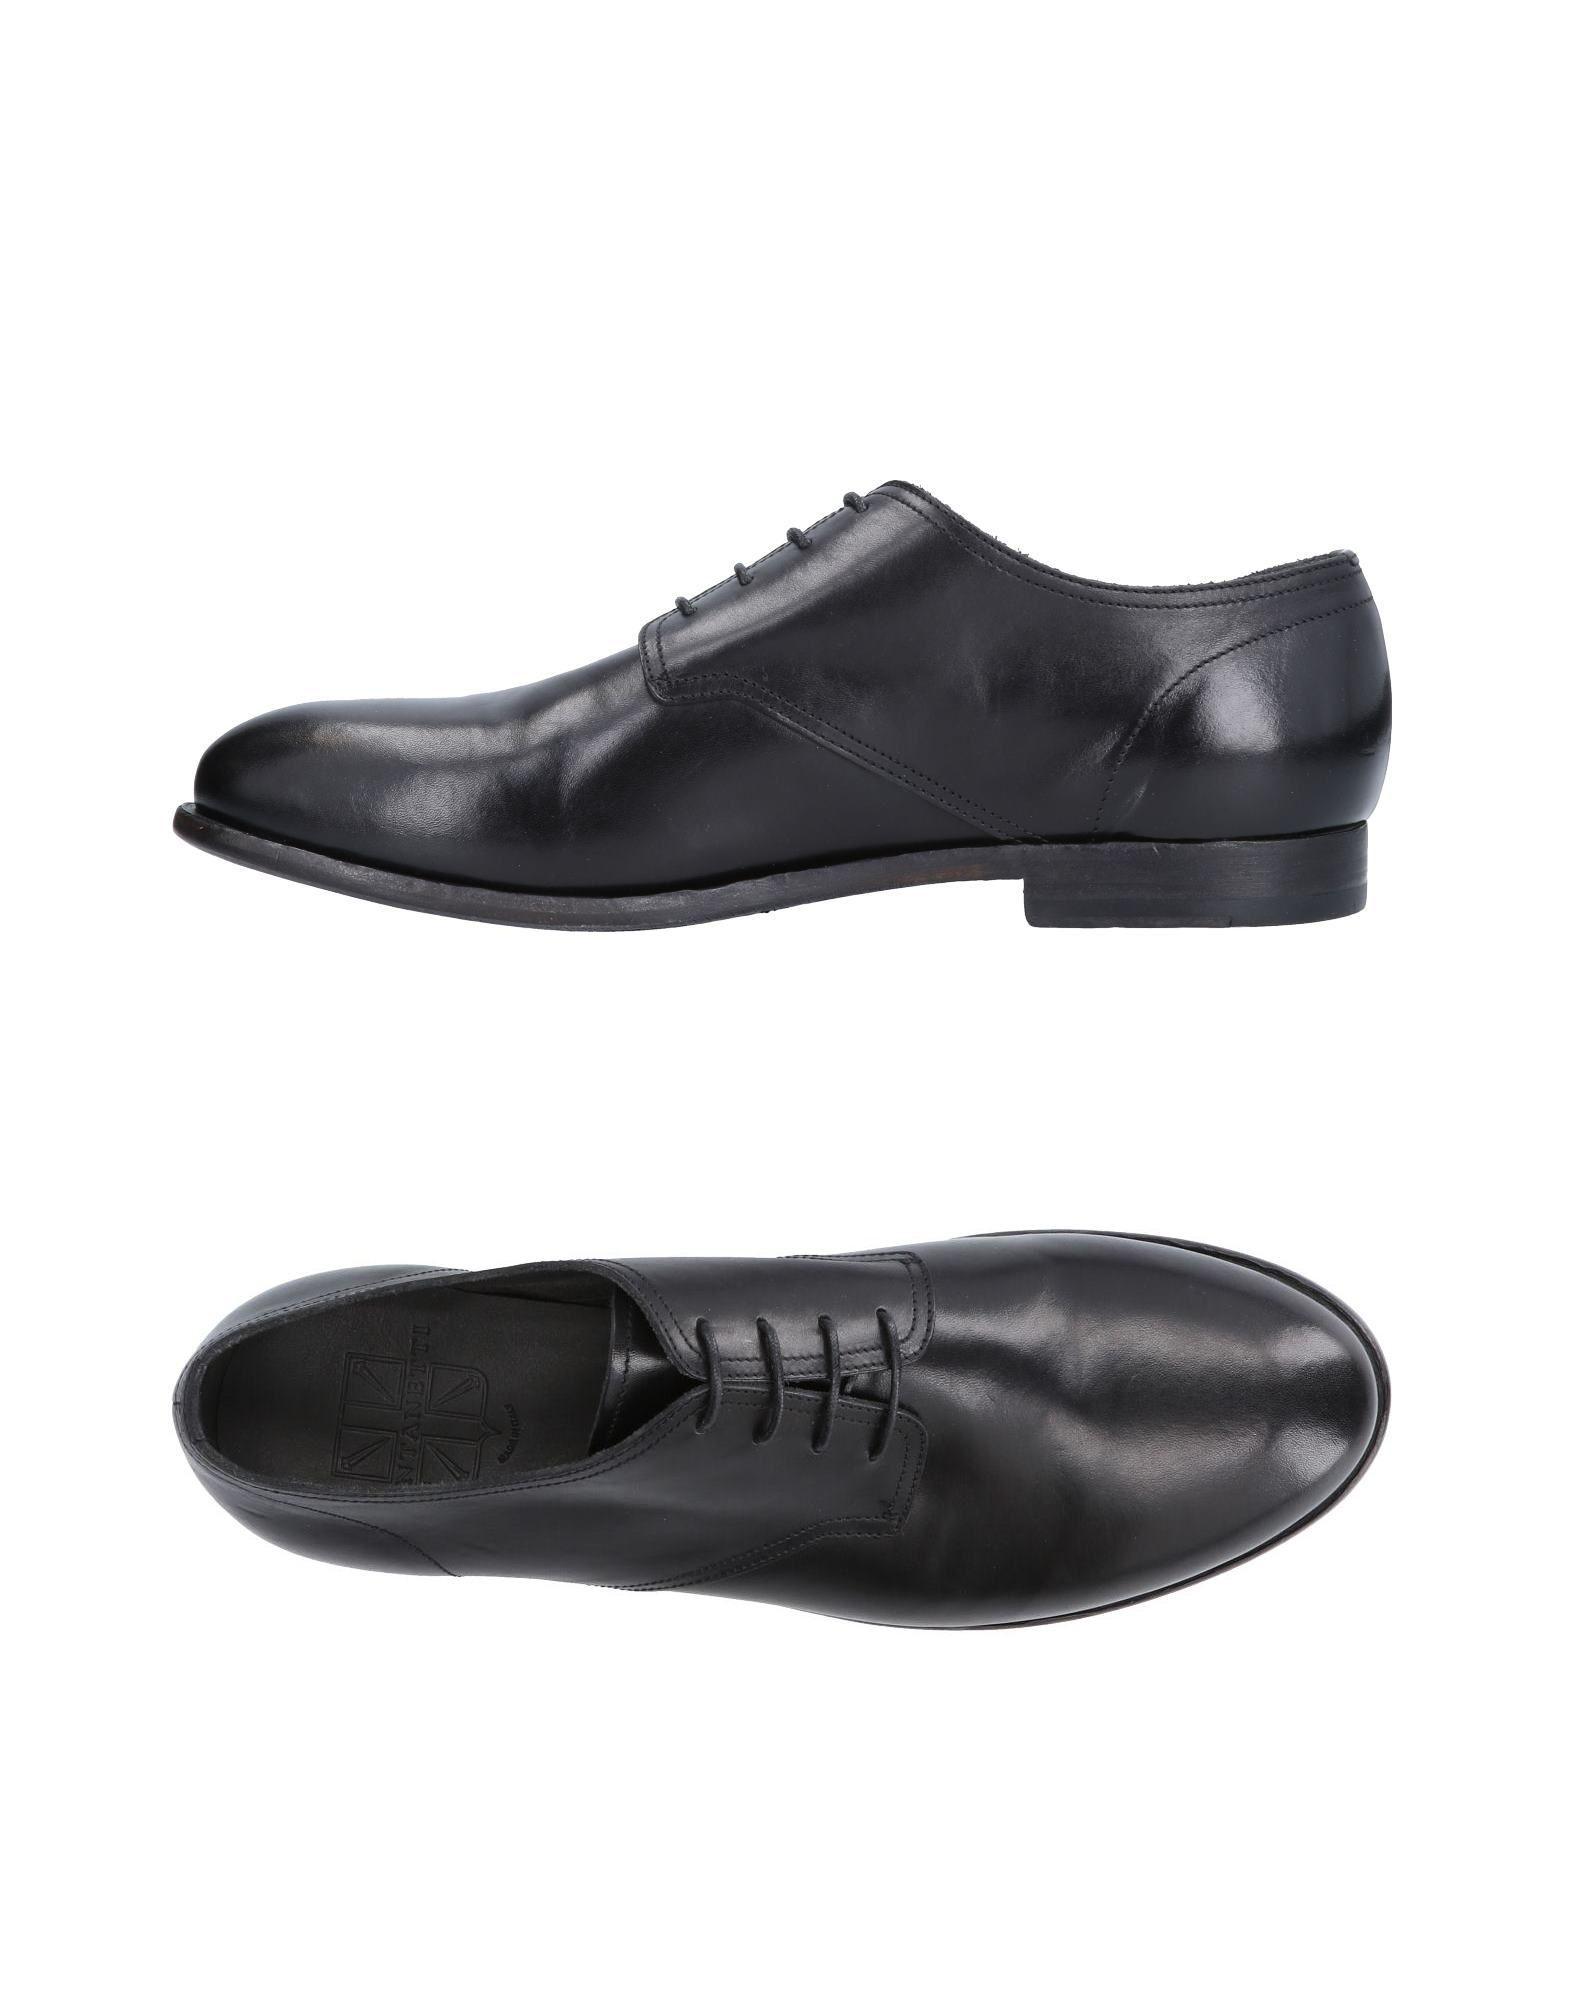 спортивная зимняя обувь мужская екатеринбург